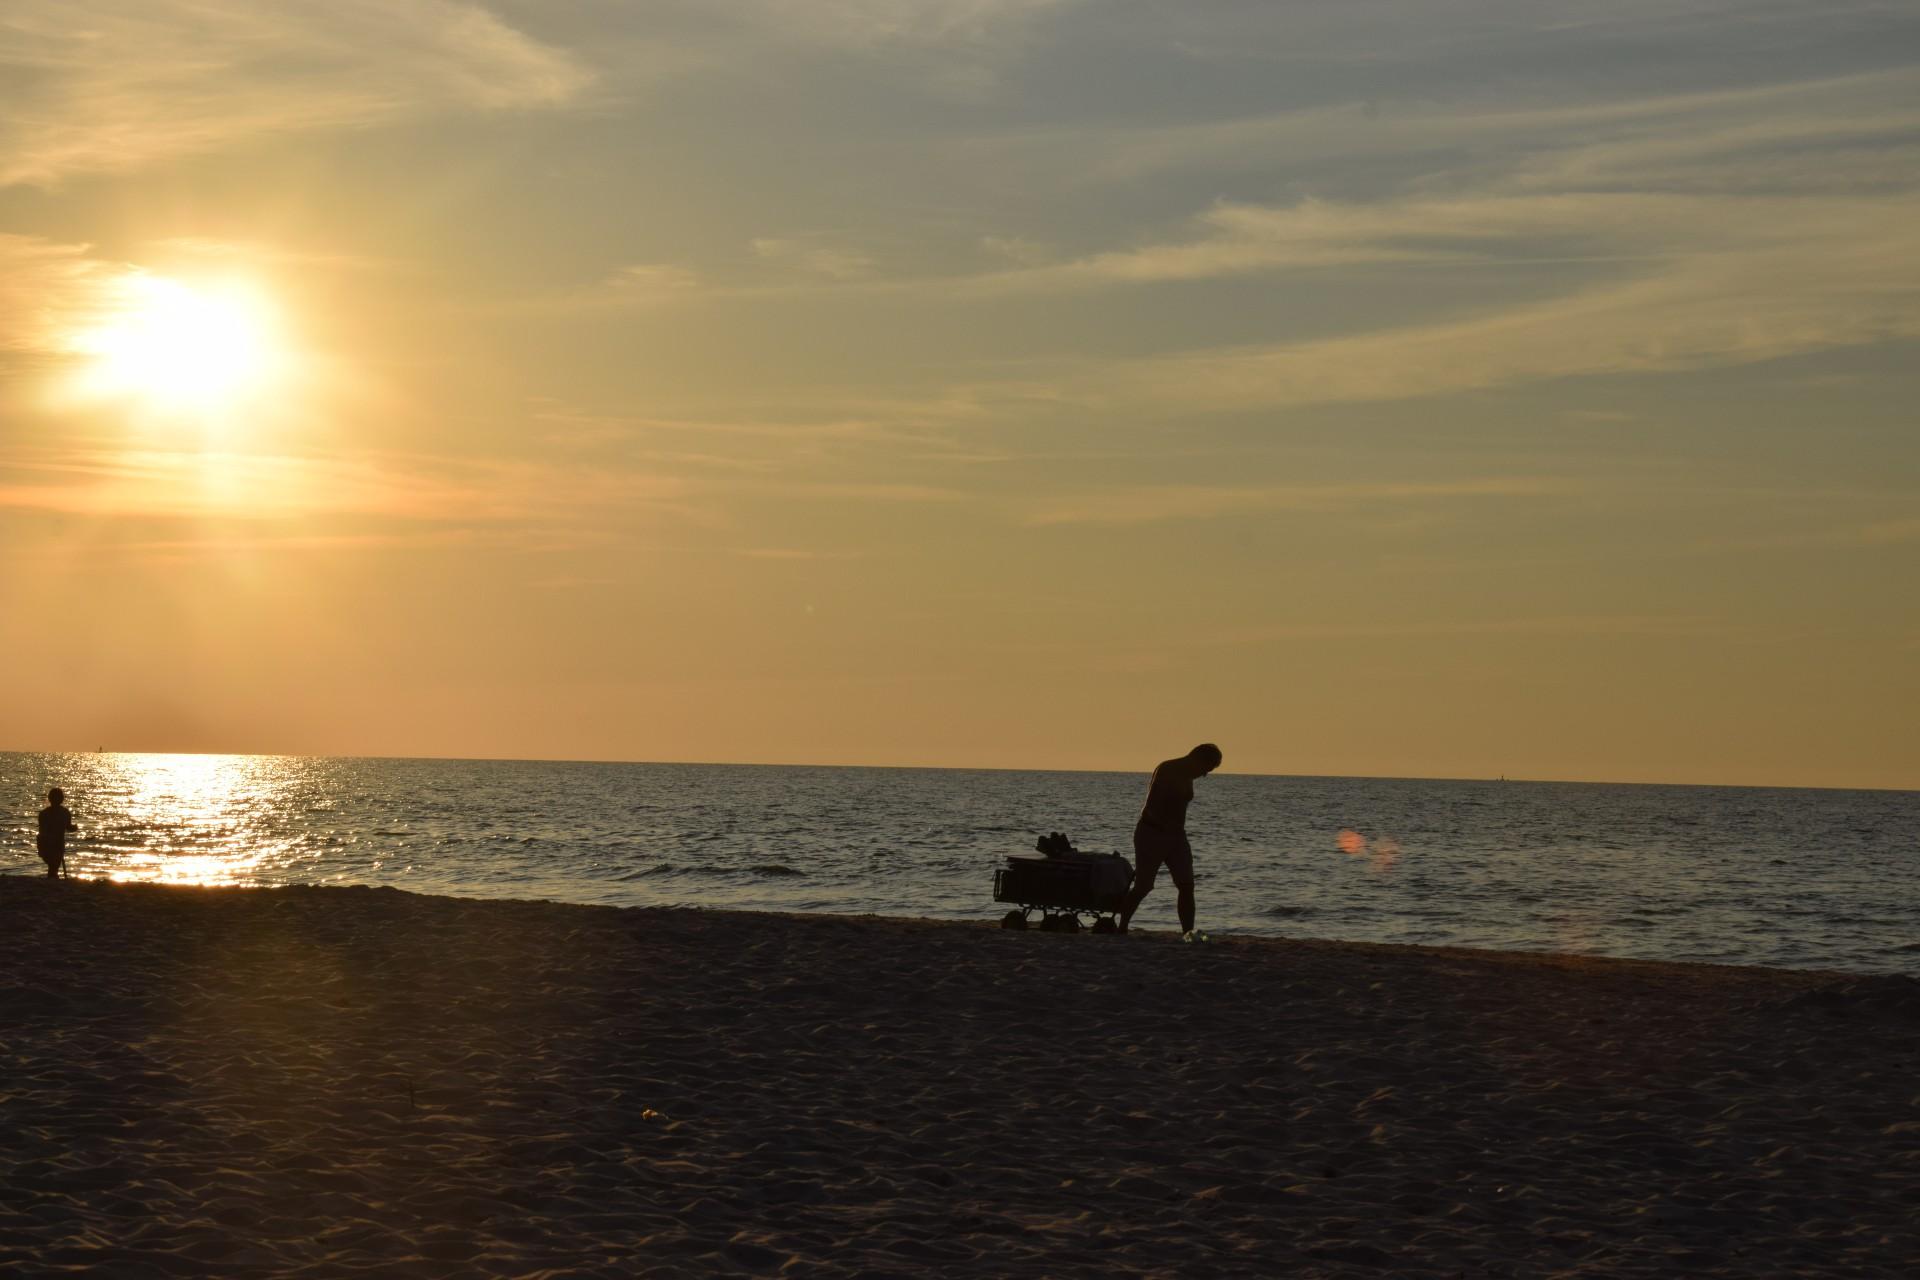 Plaża w Kopalinie. Nieopowiedziane historie [FOTOREPORTAŻ] 1